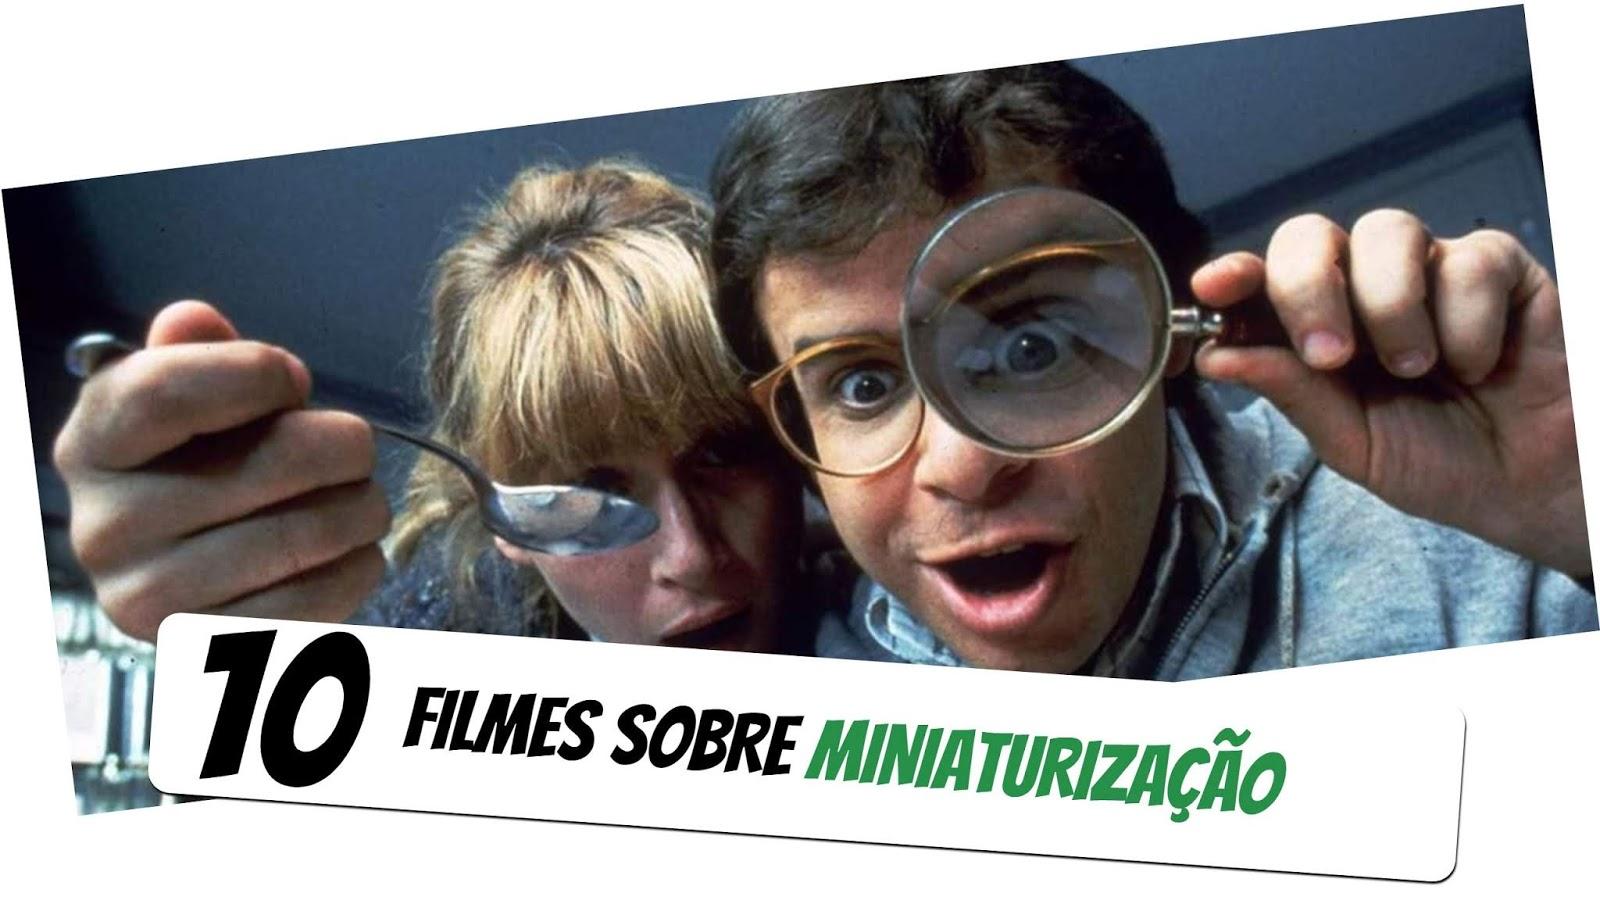 10-filmes-sobre-miniaturizacao